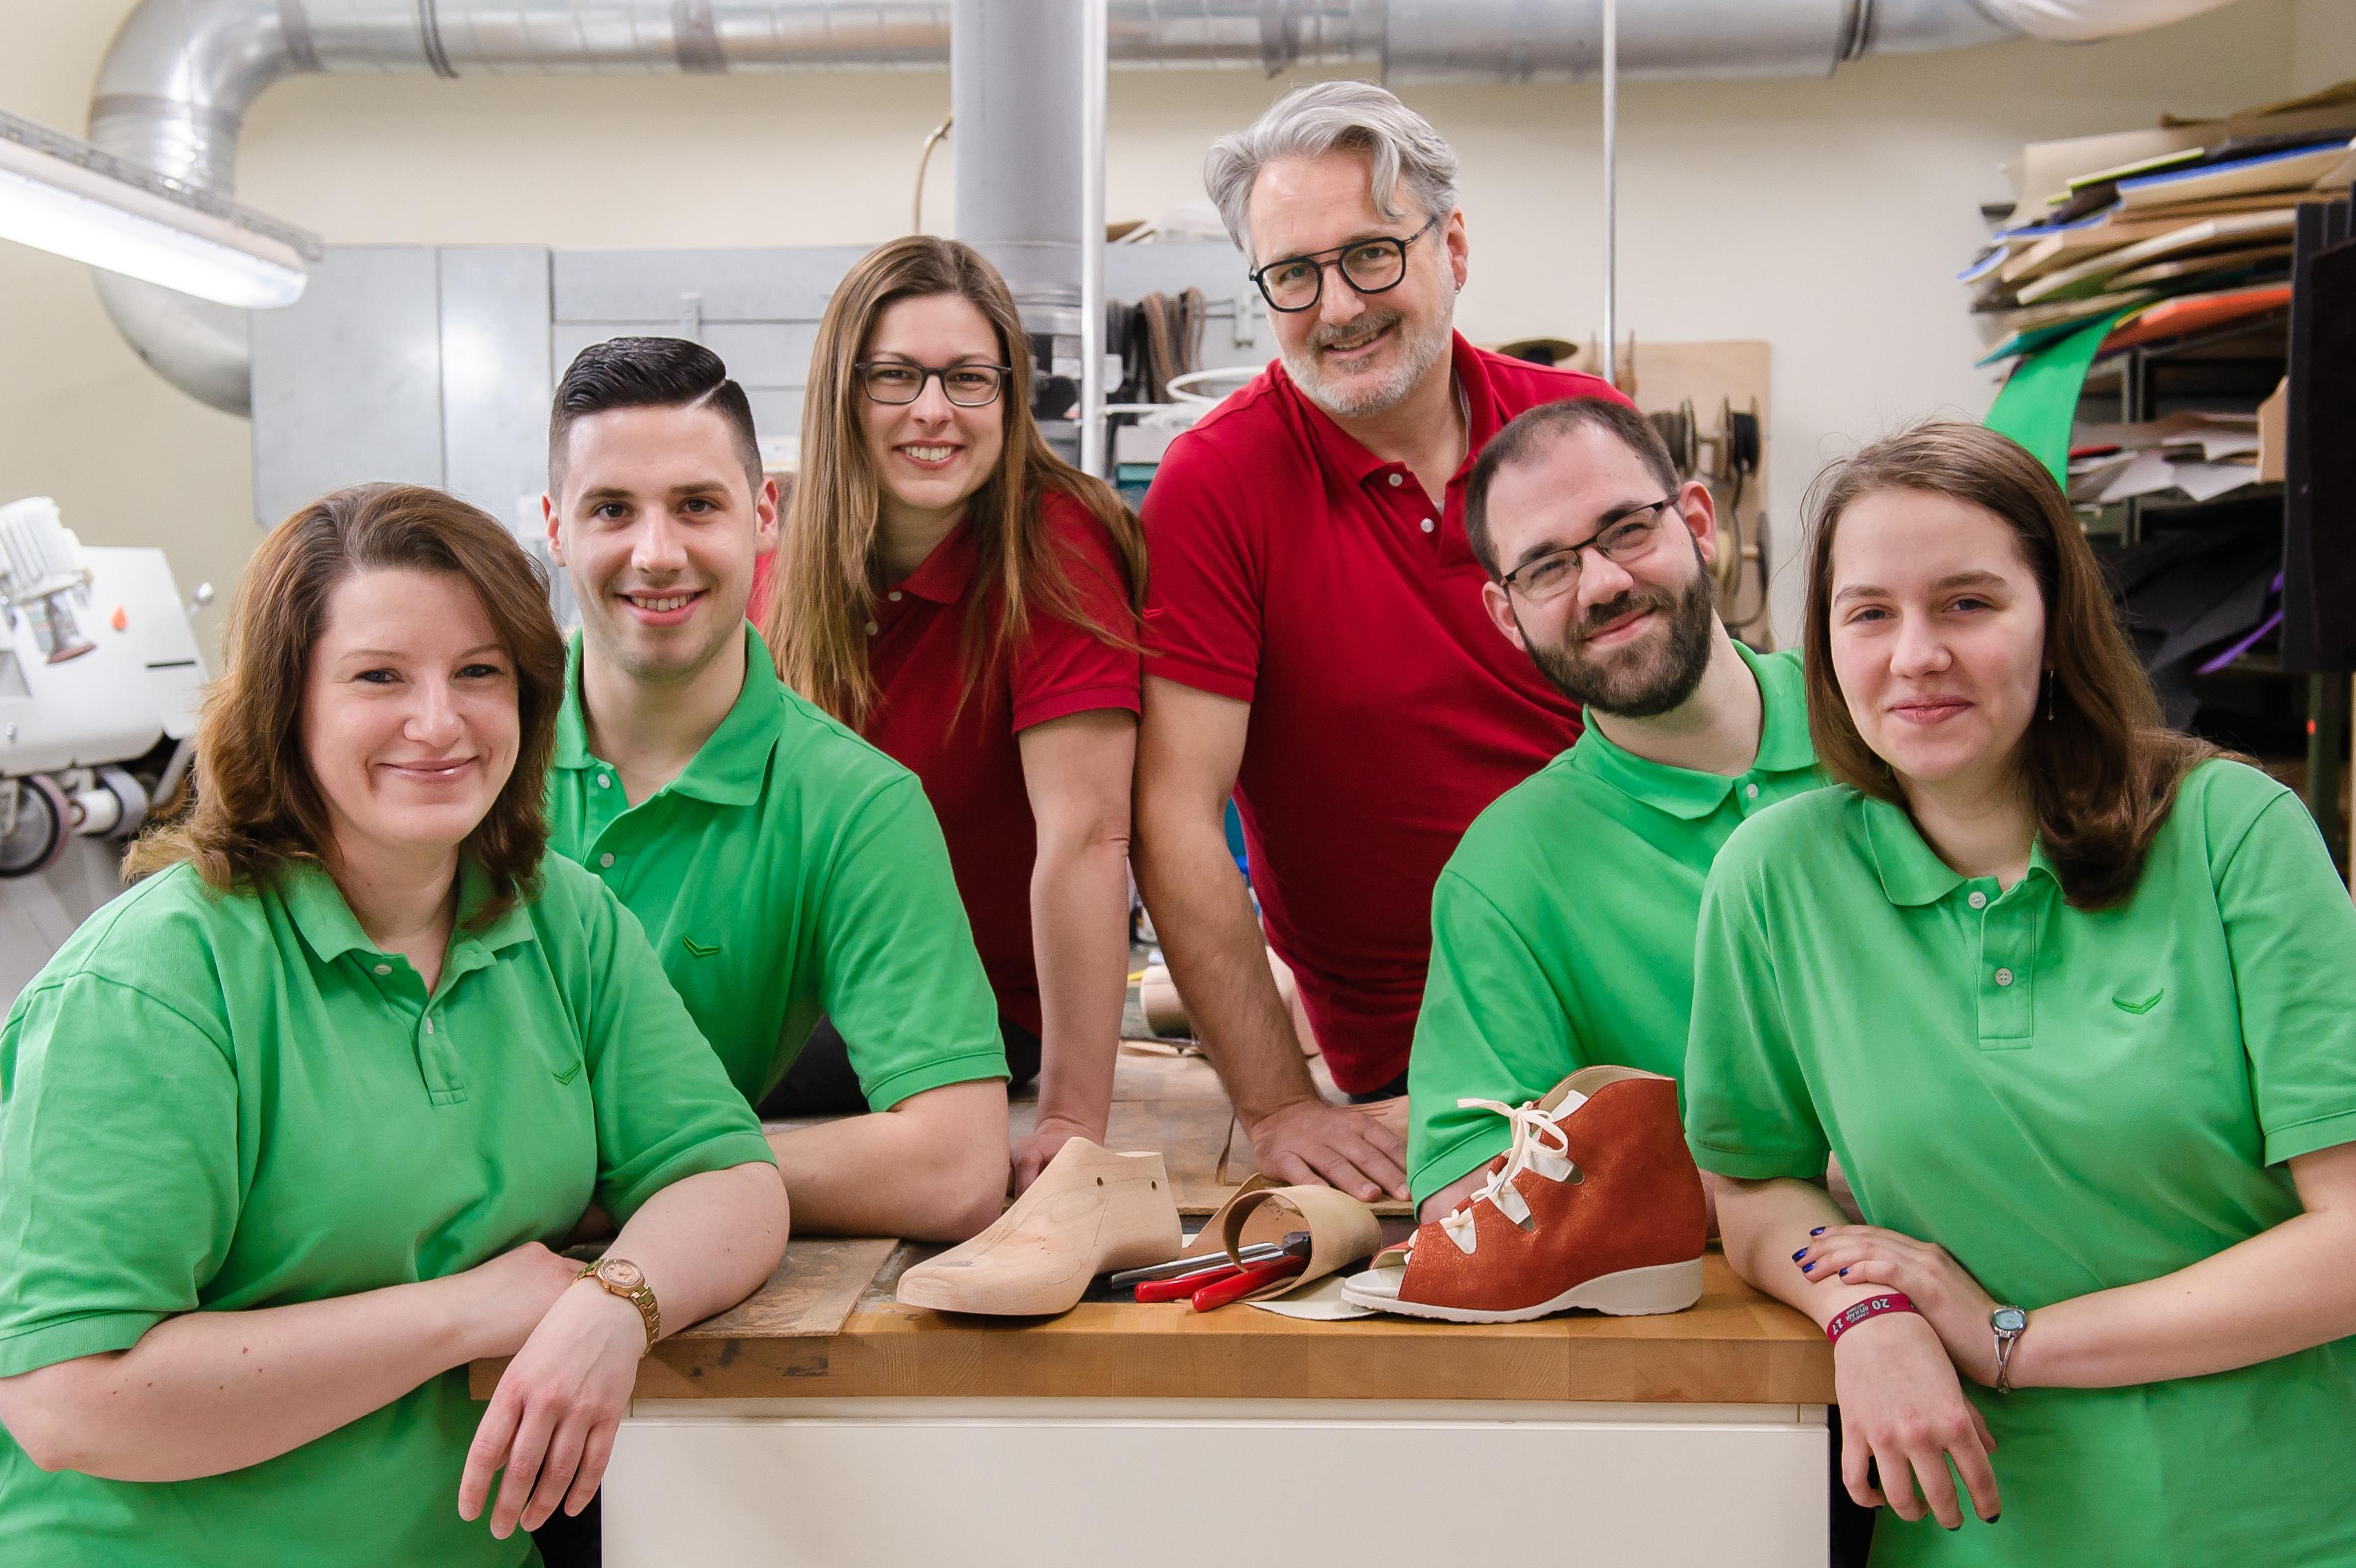 Schuhhaus Hammerich Wismar Werkstatt Team